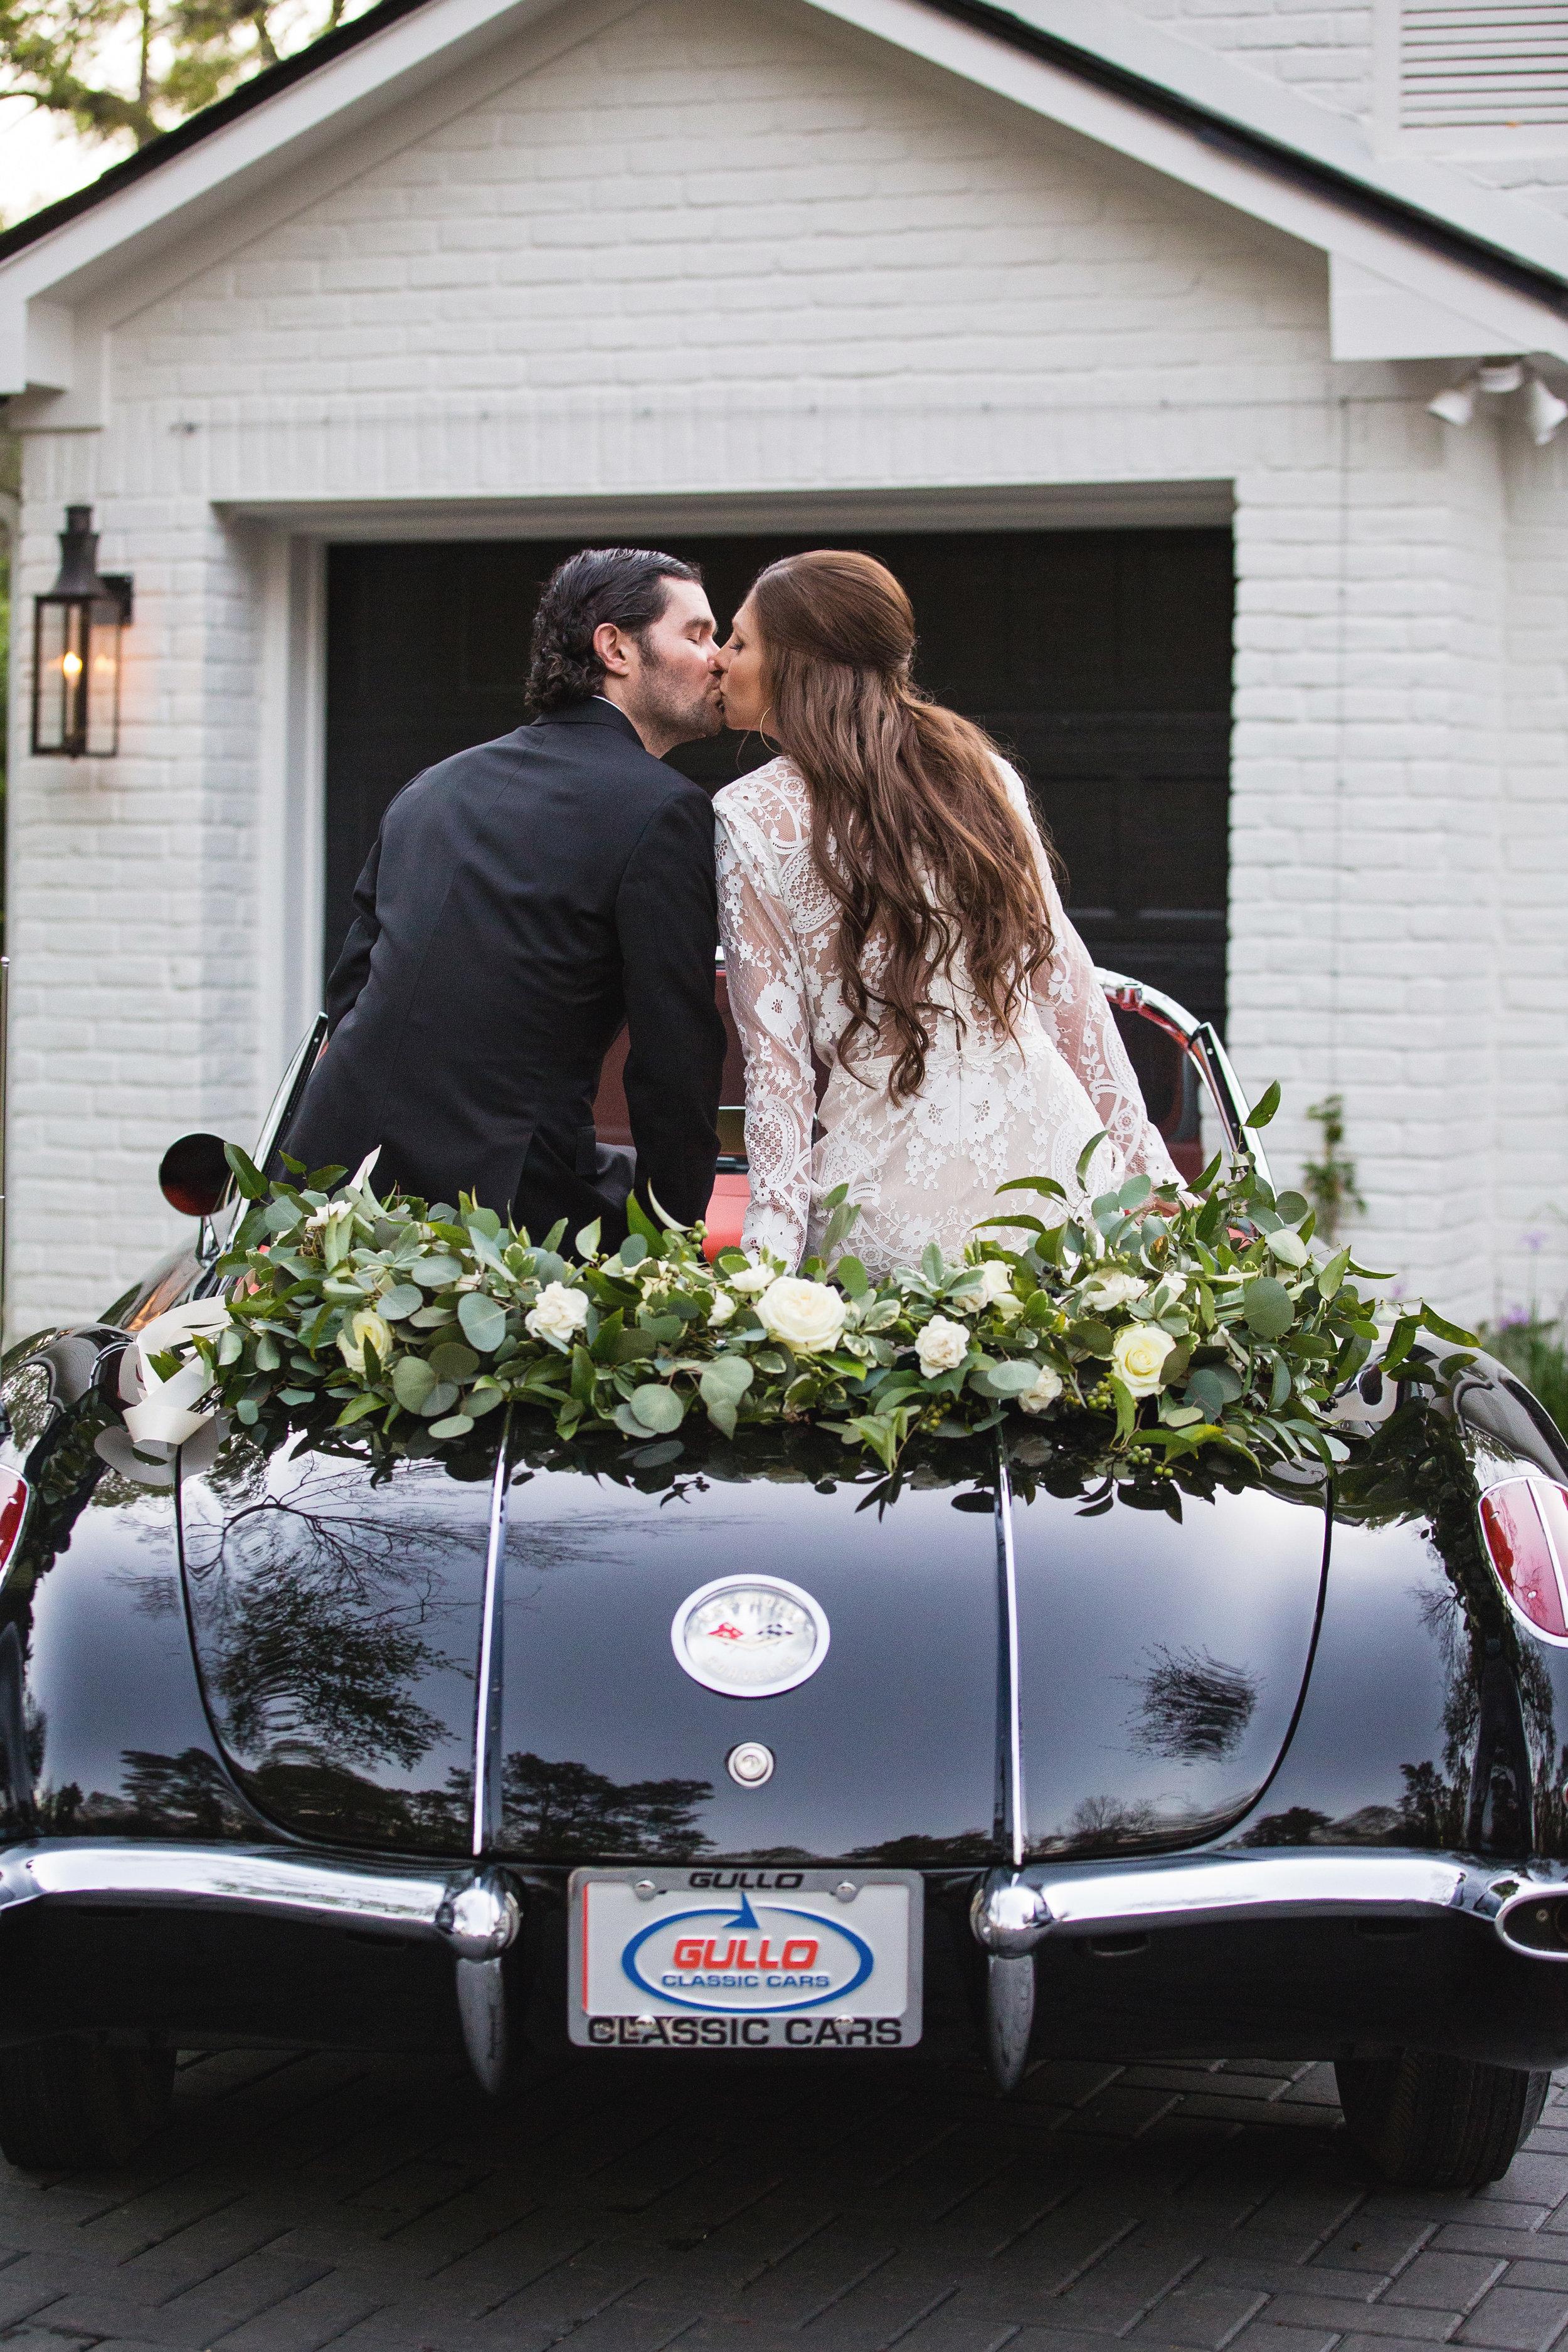 Kissing-Car-Wedding-Garland.jpg